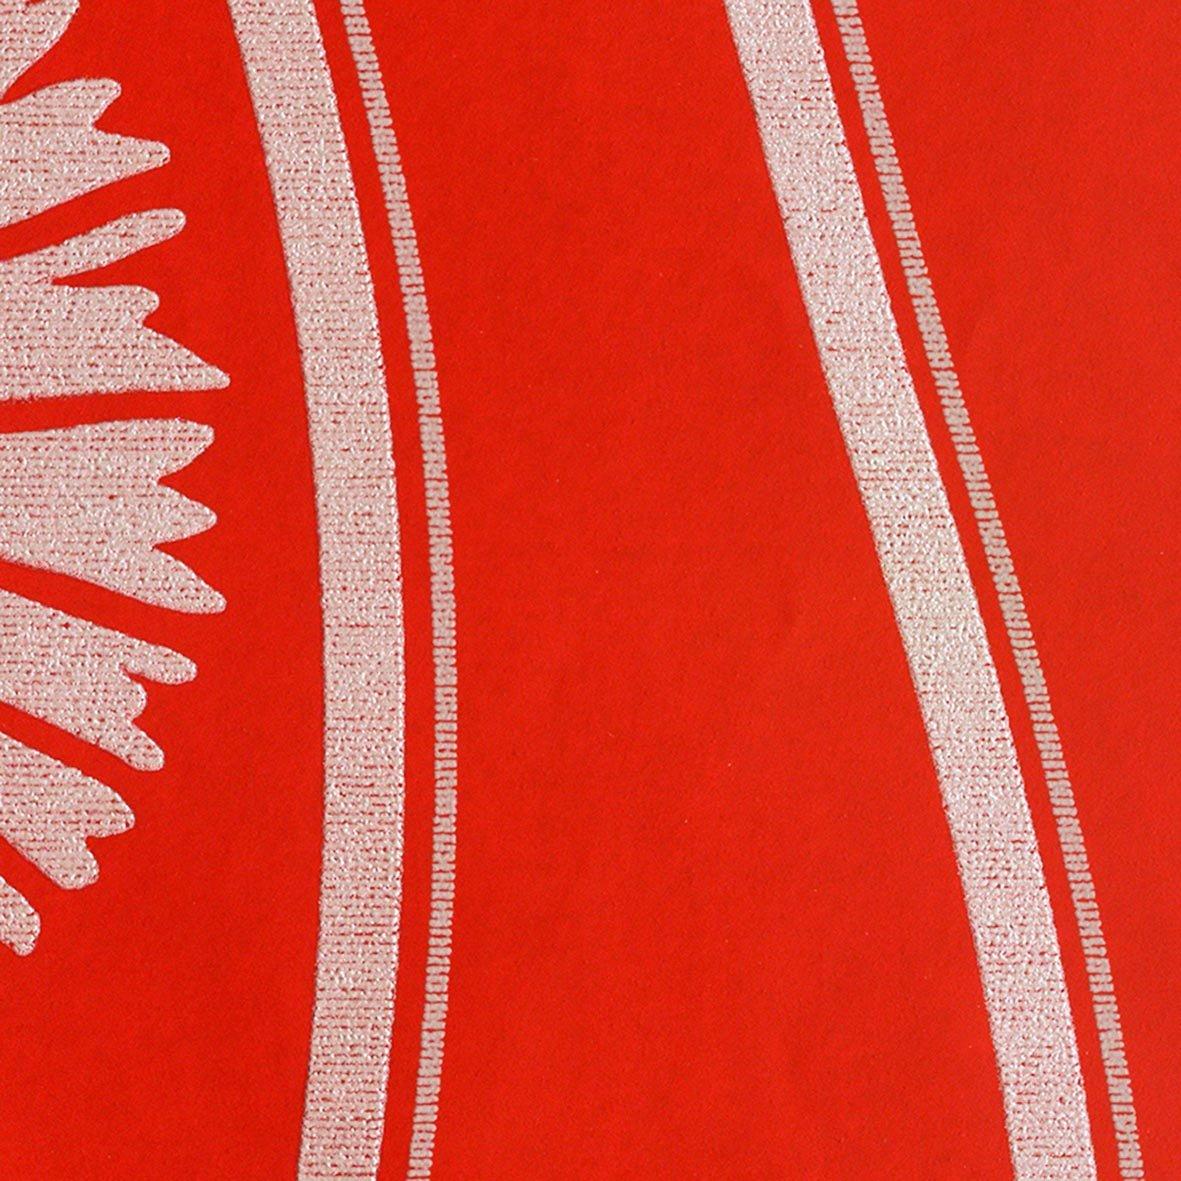 リリカラ 壁紙43m 和 和文様 レッド kioi LW-2501 B07613BN7Z 43m|レッド